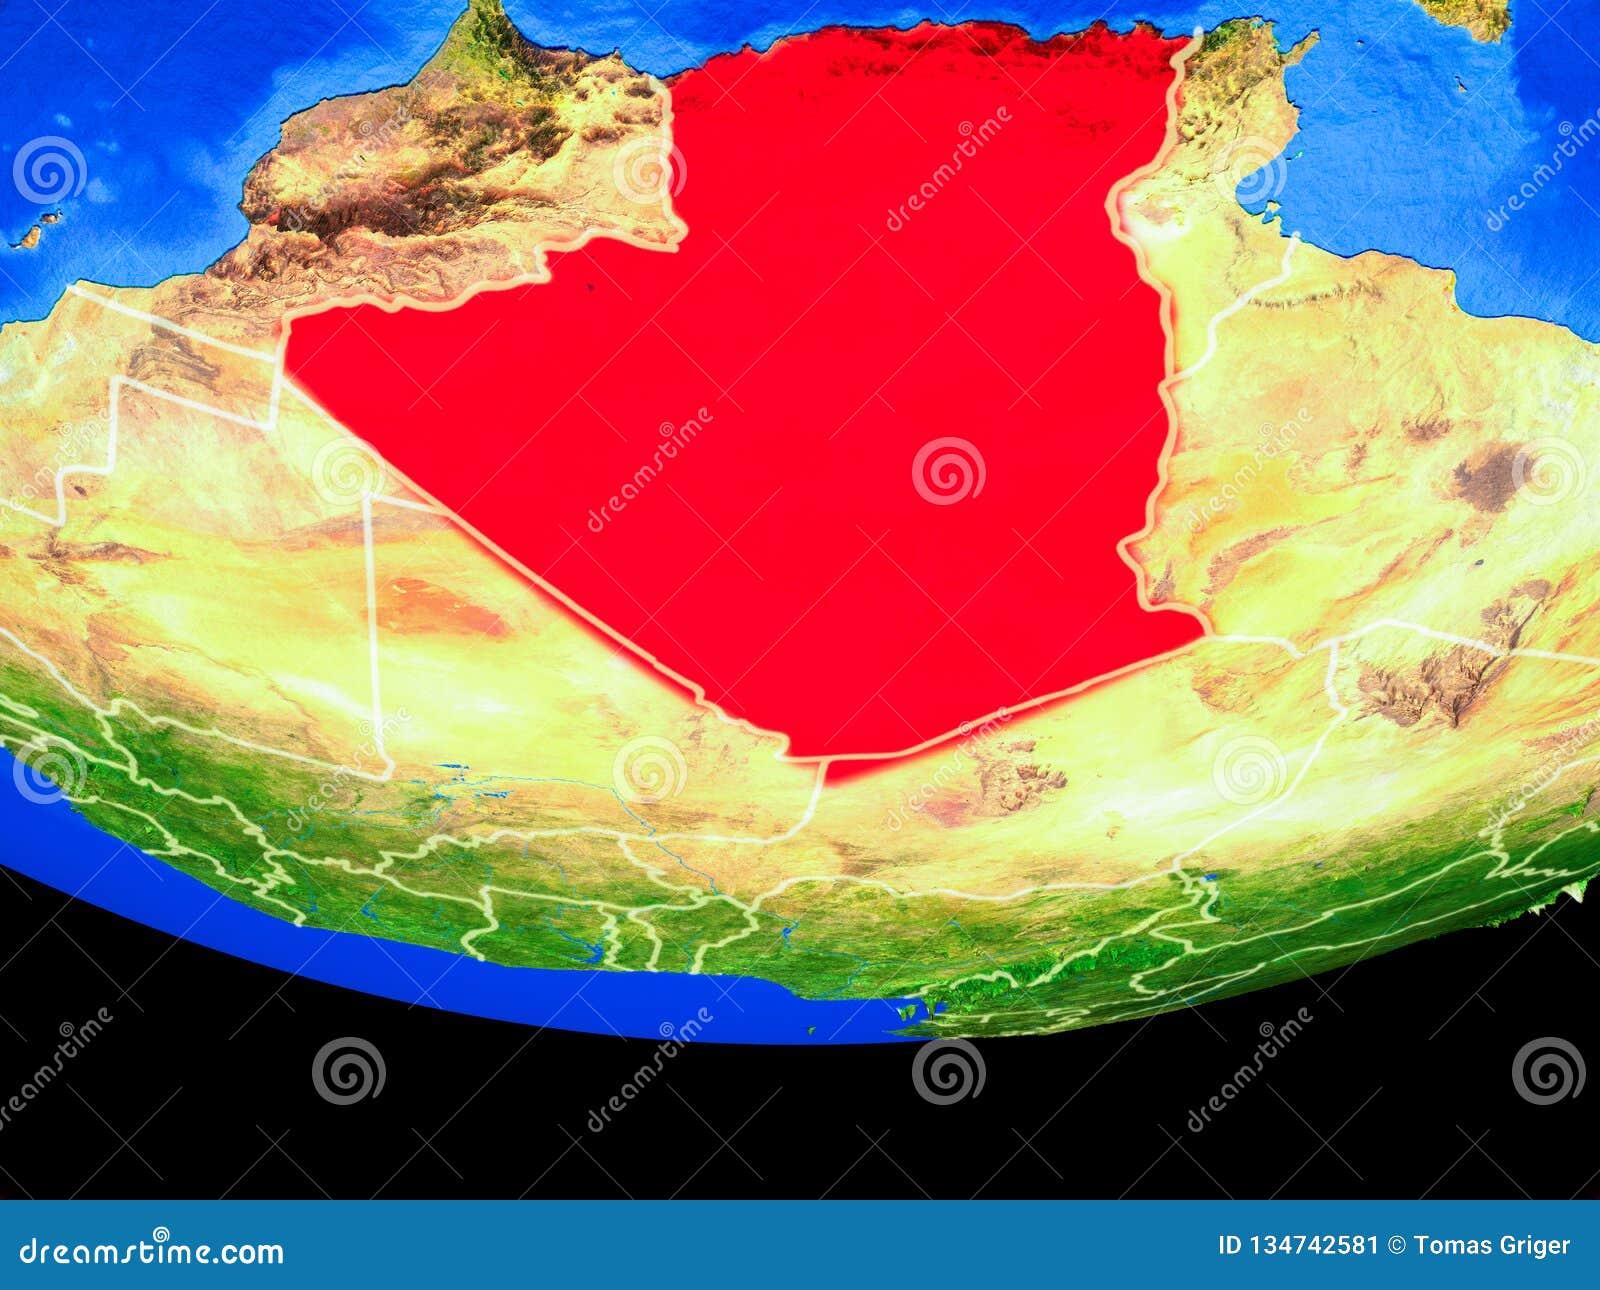 Algerien vom Raum auf Erde